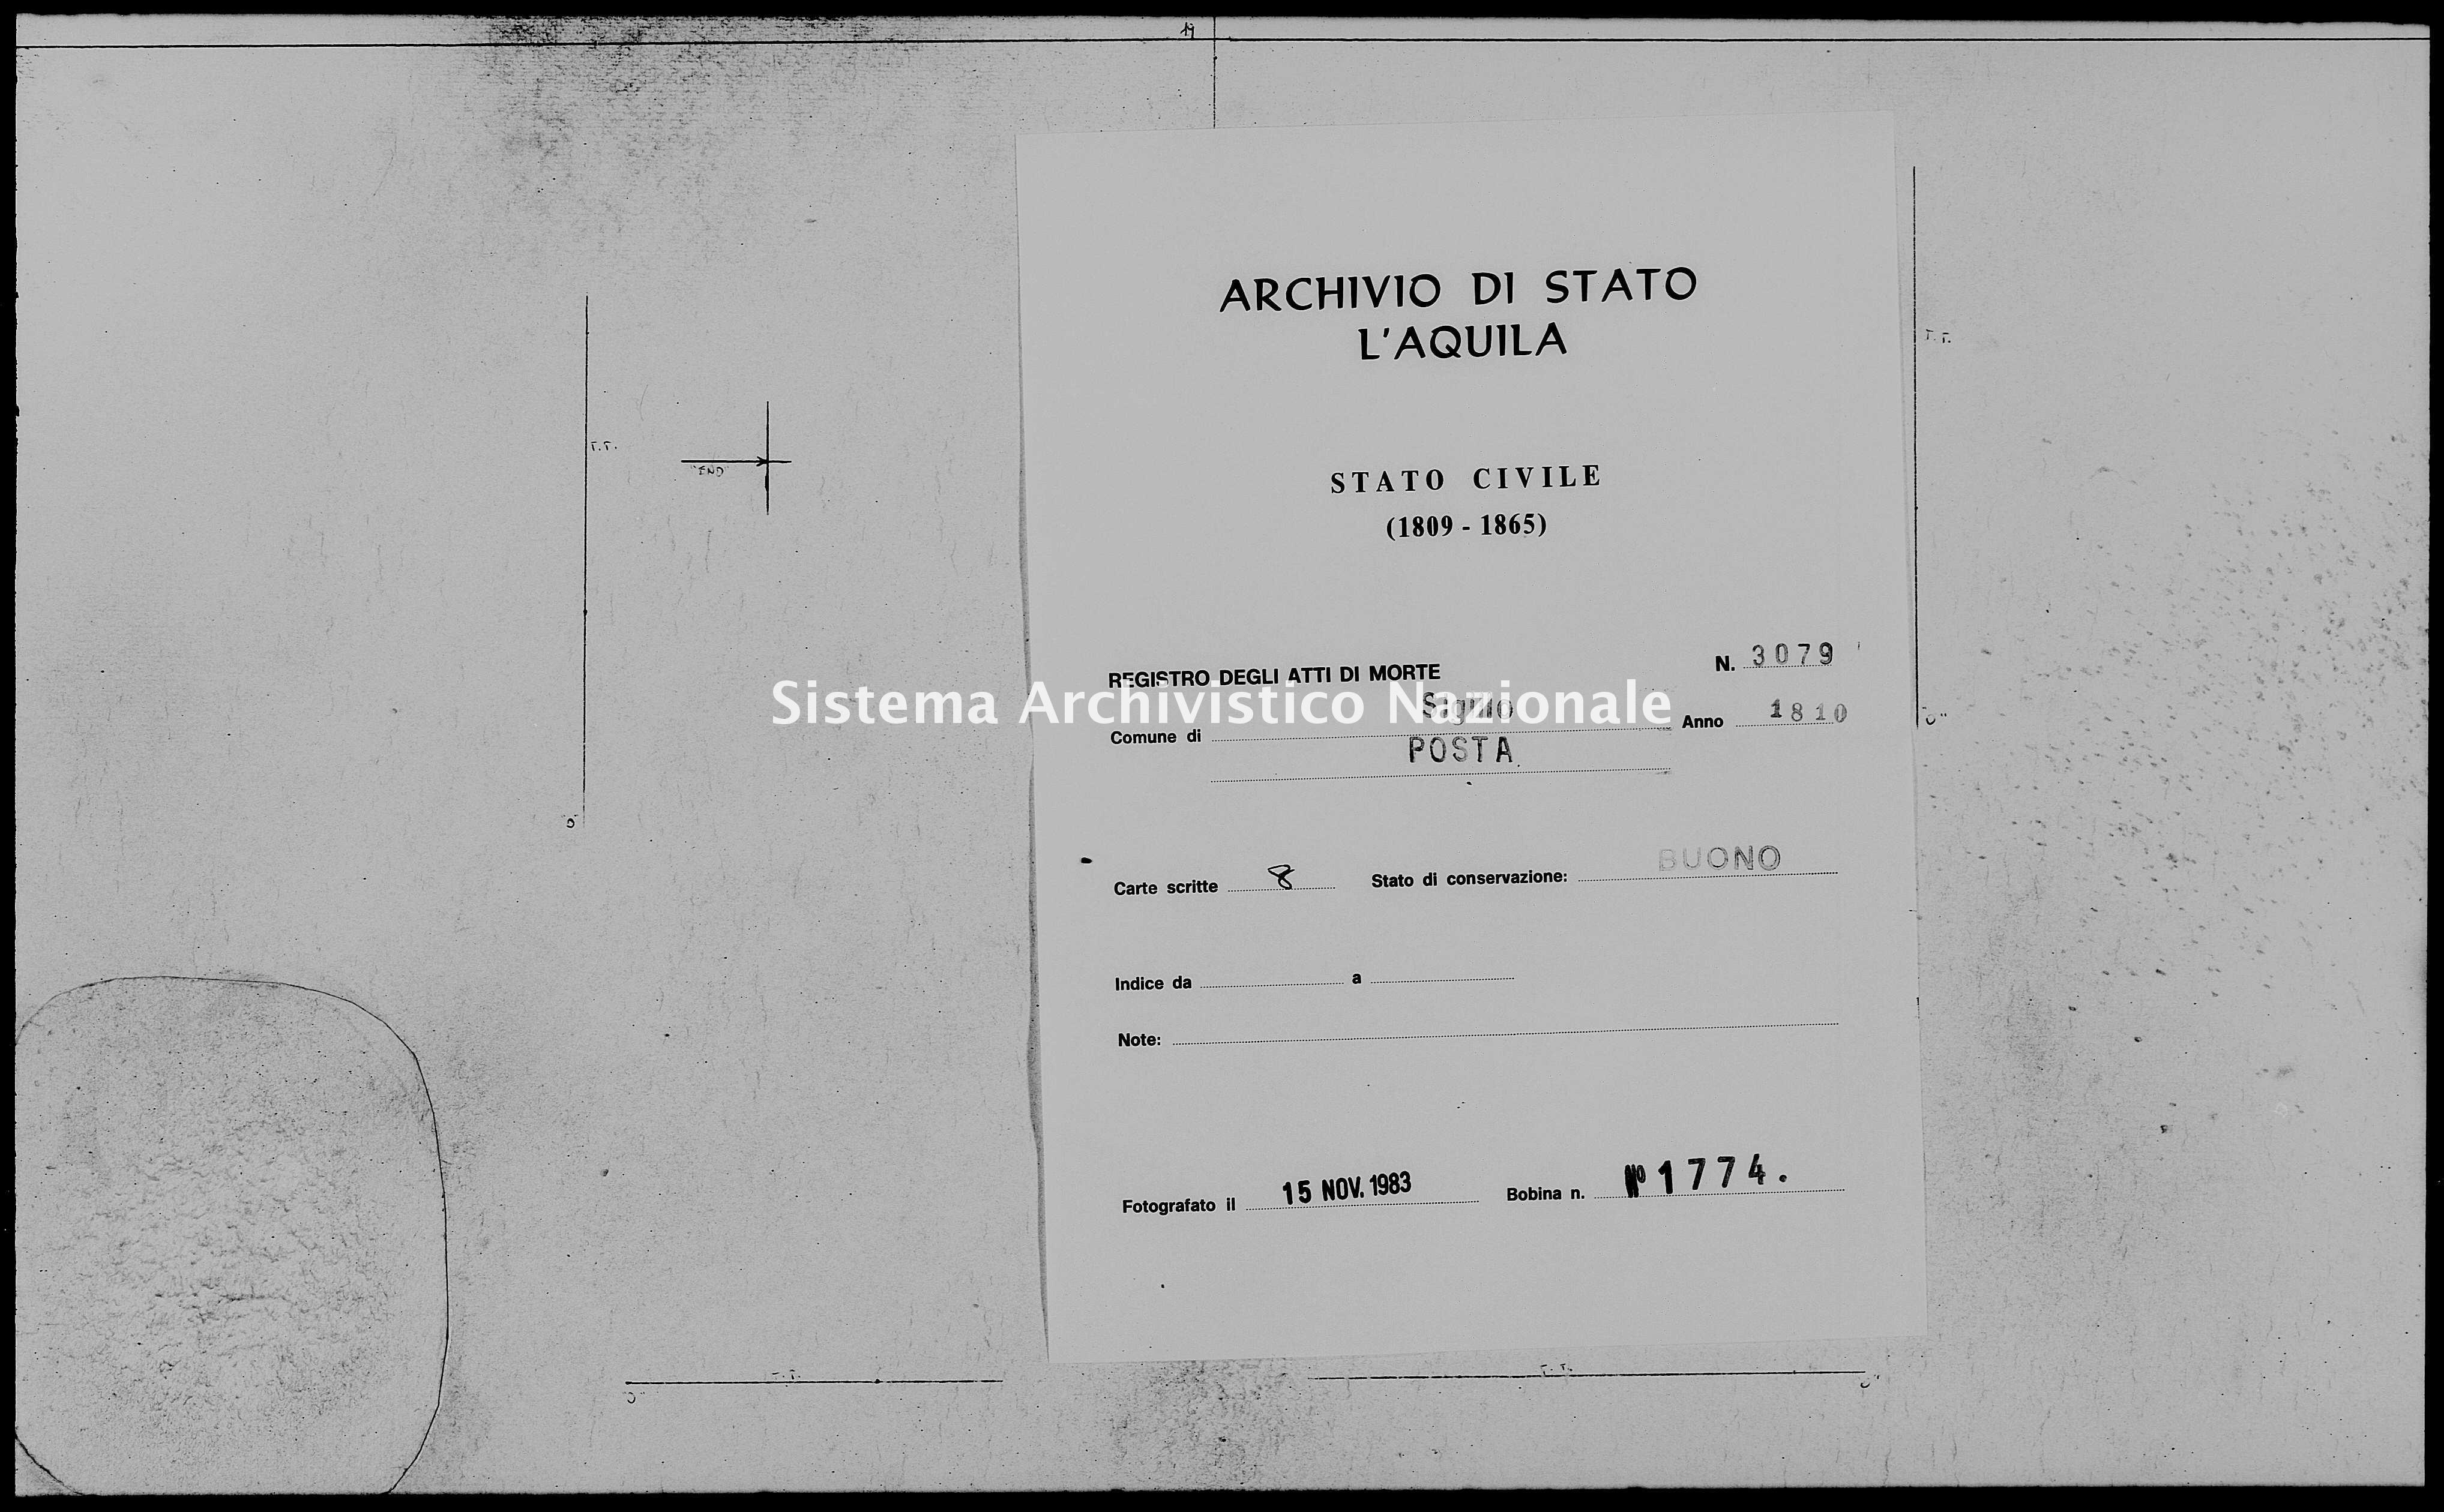 Archivio di stato di L'aquila - Stato civile napoleonico - Sigillo - Morti, dichiarazioni - 1810 - 3079 -